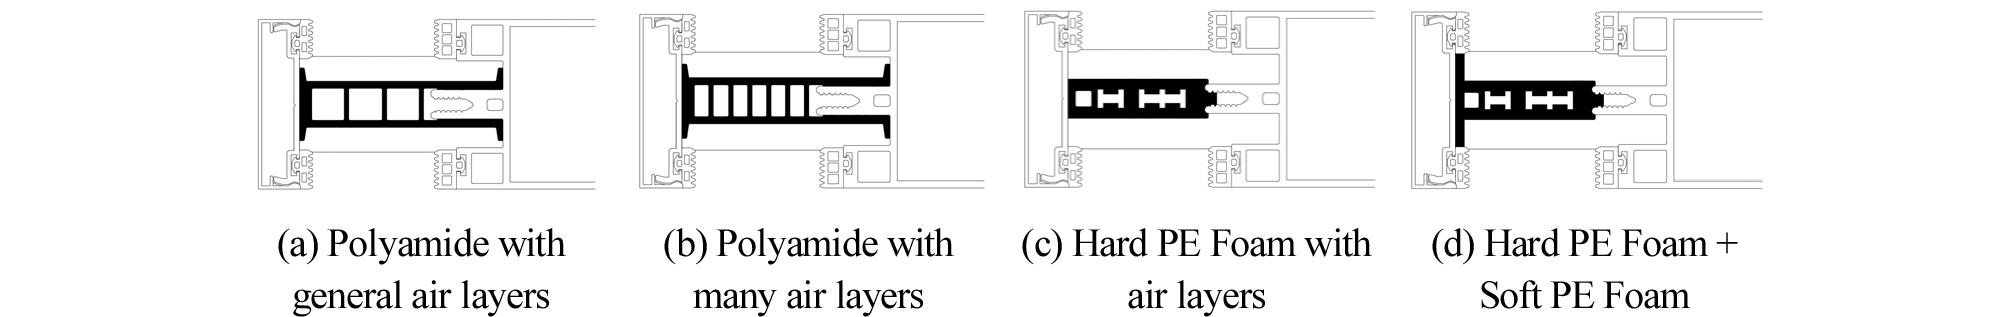 http://static.apub.kr/journalsite/sites/kiaebs/2020-014-05/N0280140511/images/Figure_KIAEBS_14_5_11_F6.jpg